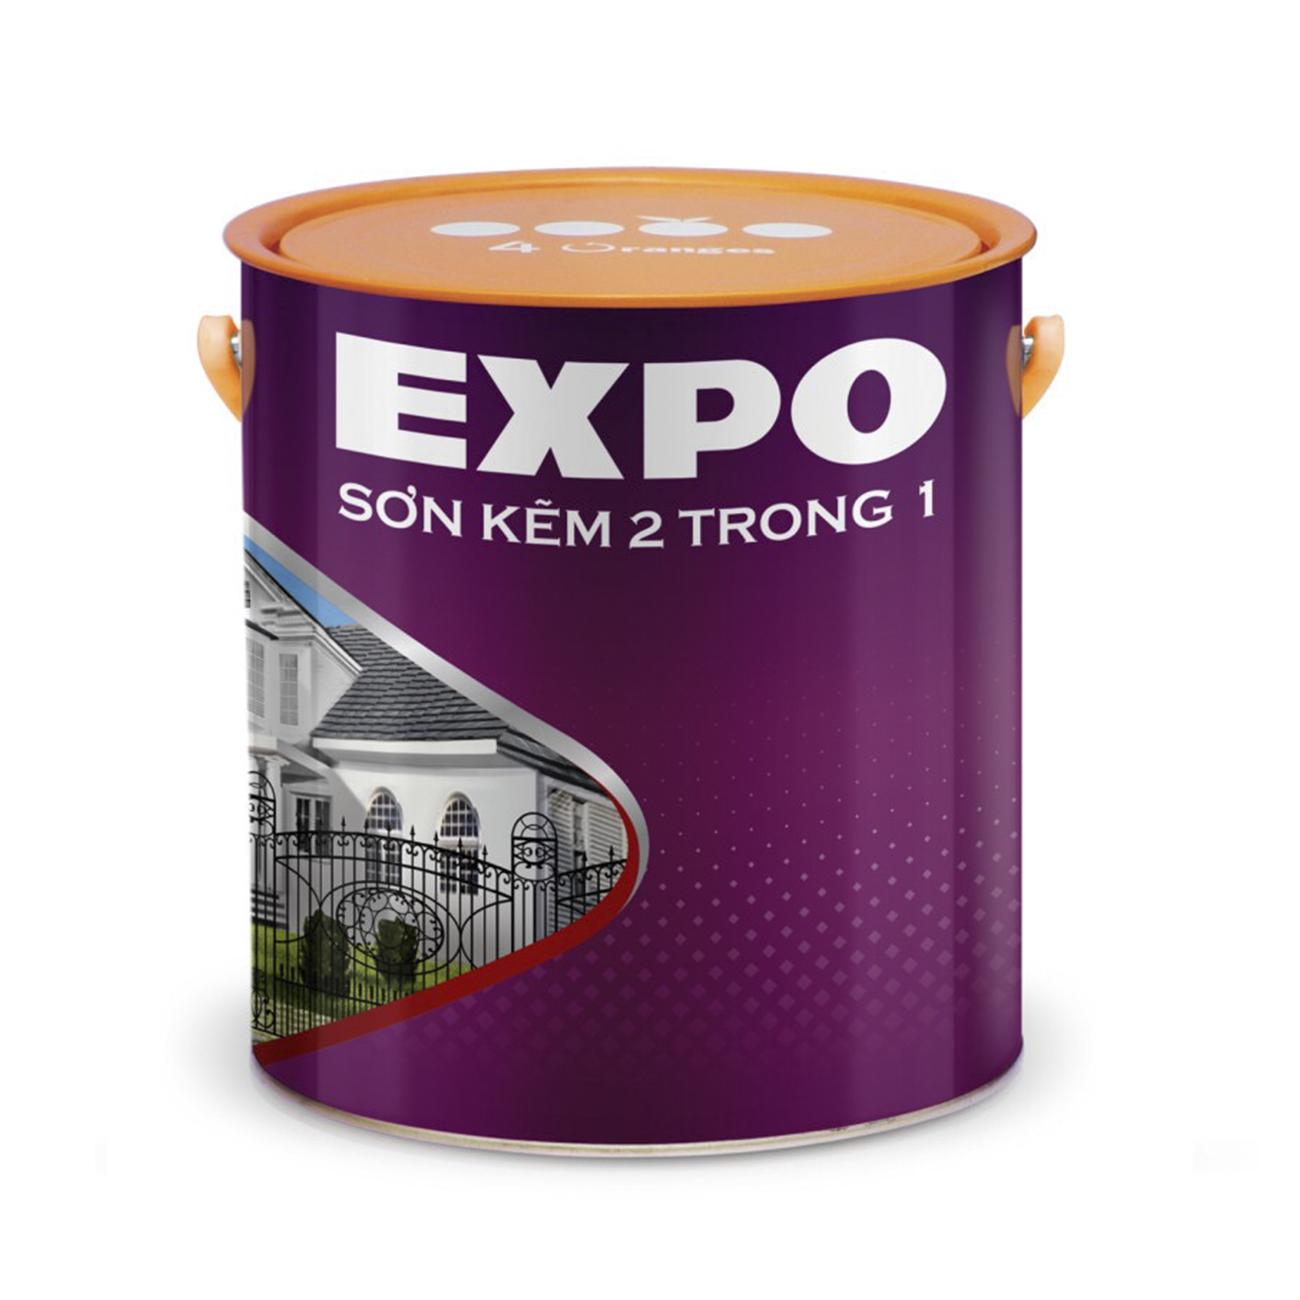 SƠN KẼM EXPO - 2 TRONG 1